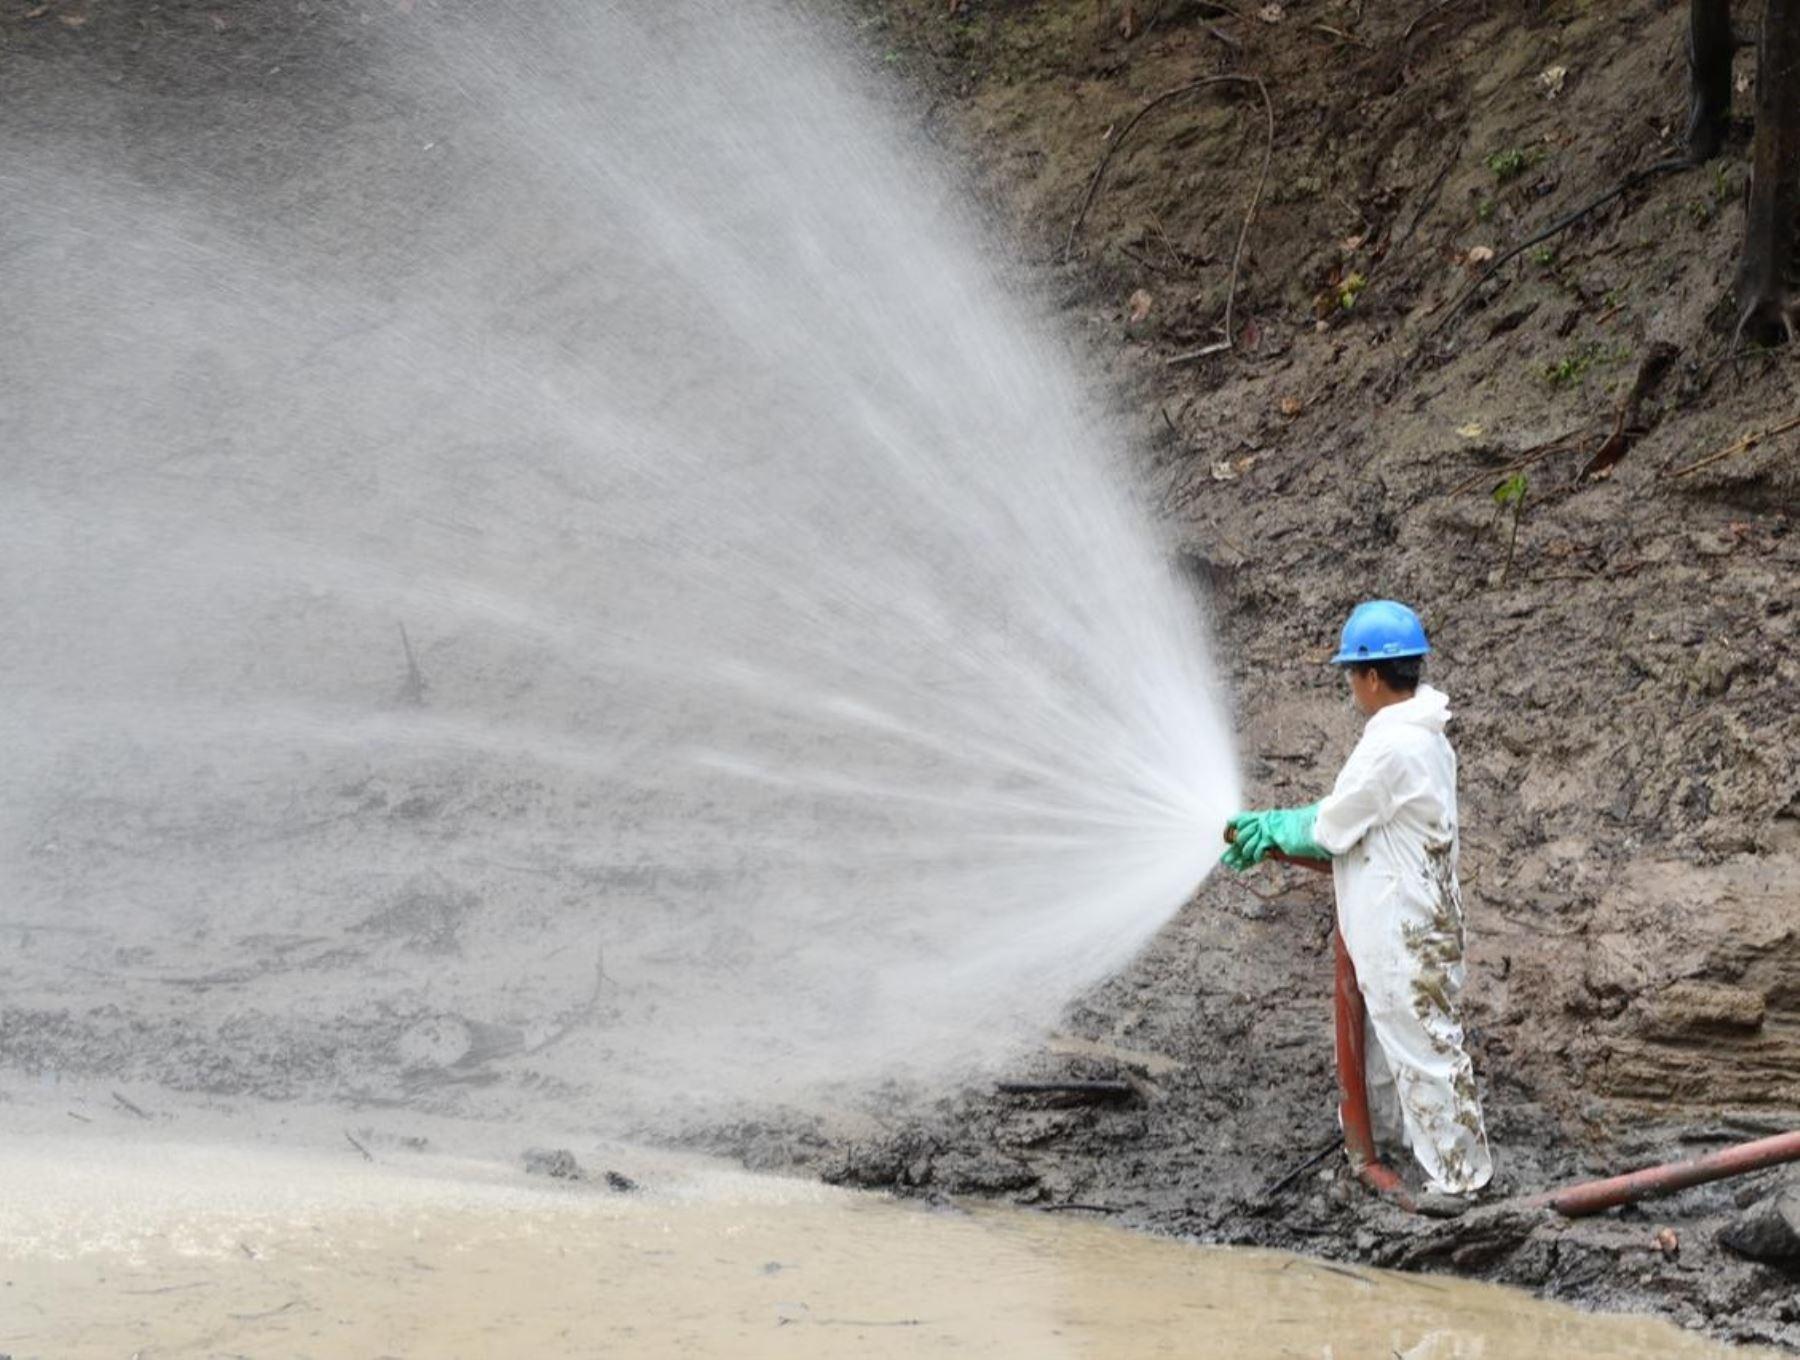 Gobierno compromete S/ 88 millones adicionales para tareas de remediación ambiental, anunció el Ministerio de Energía y Minas (Minem). ANDINA/Difusión